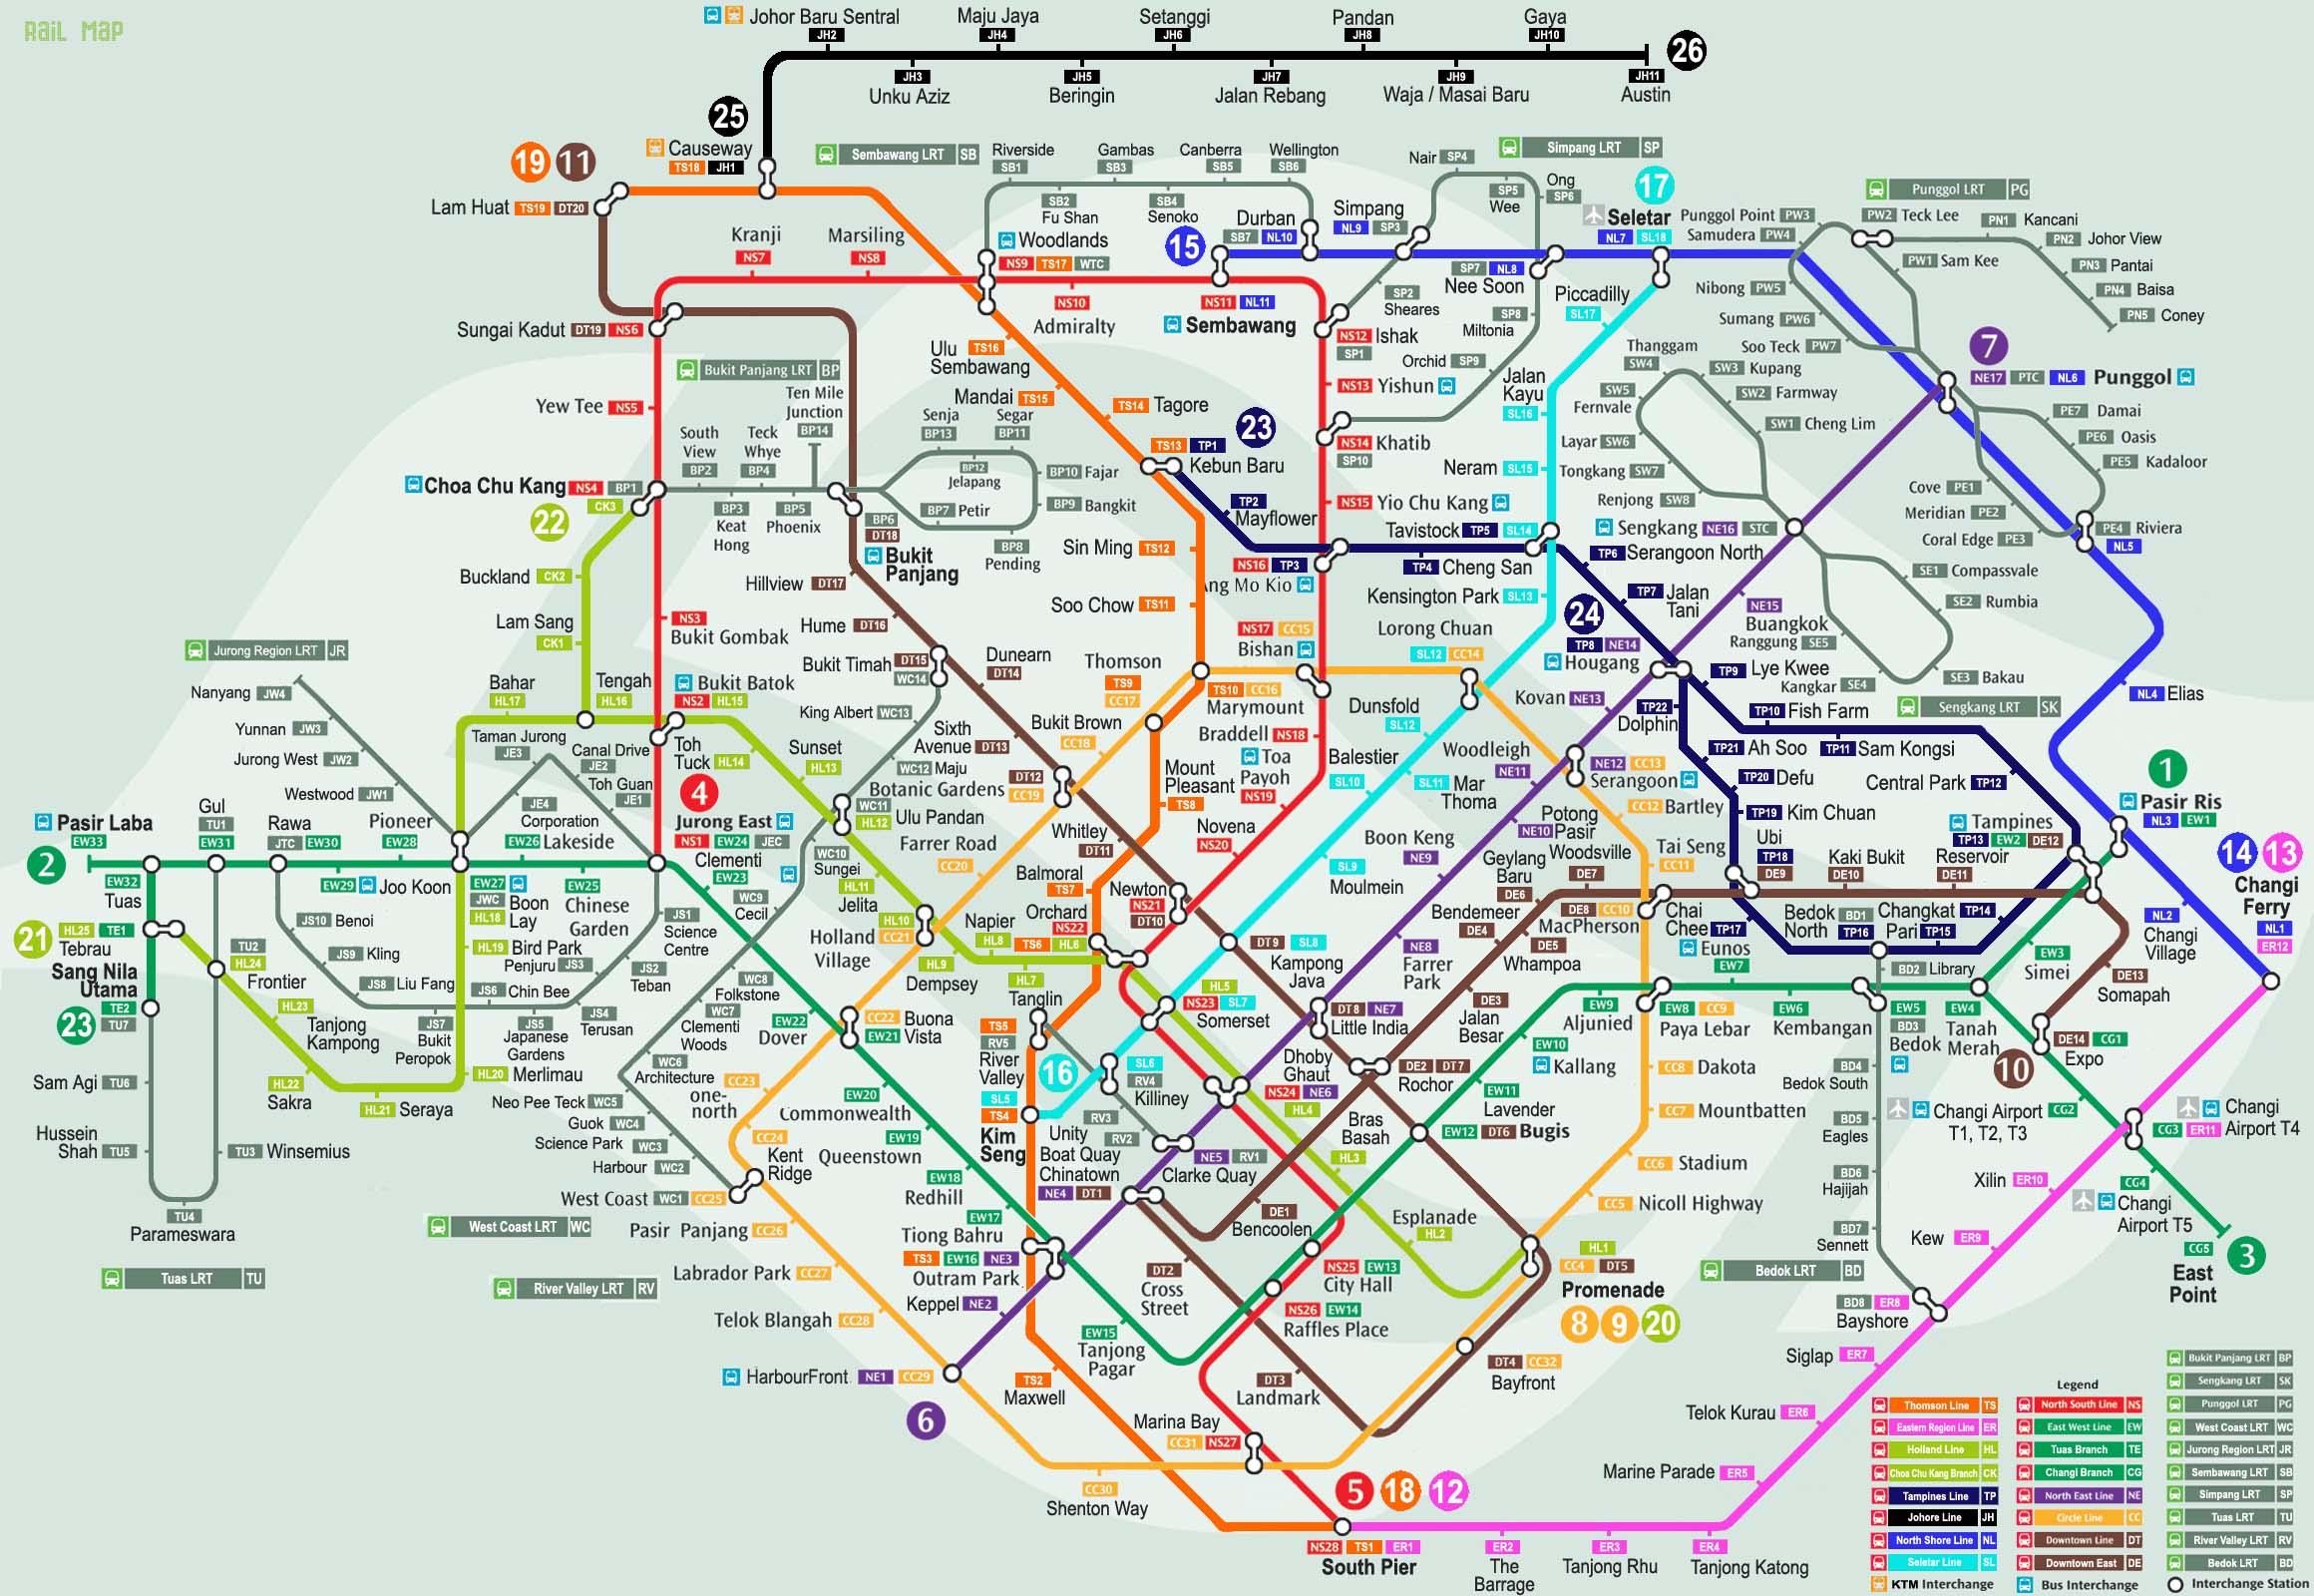 speculative mrt map